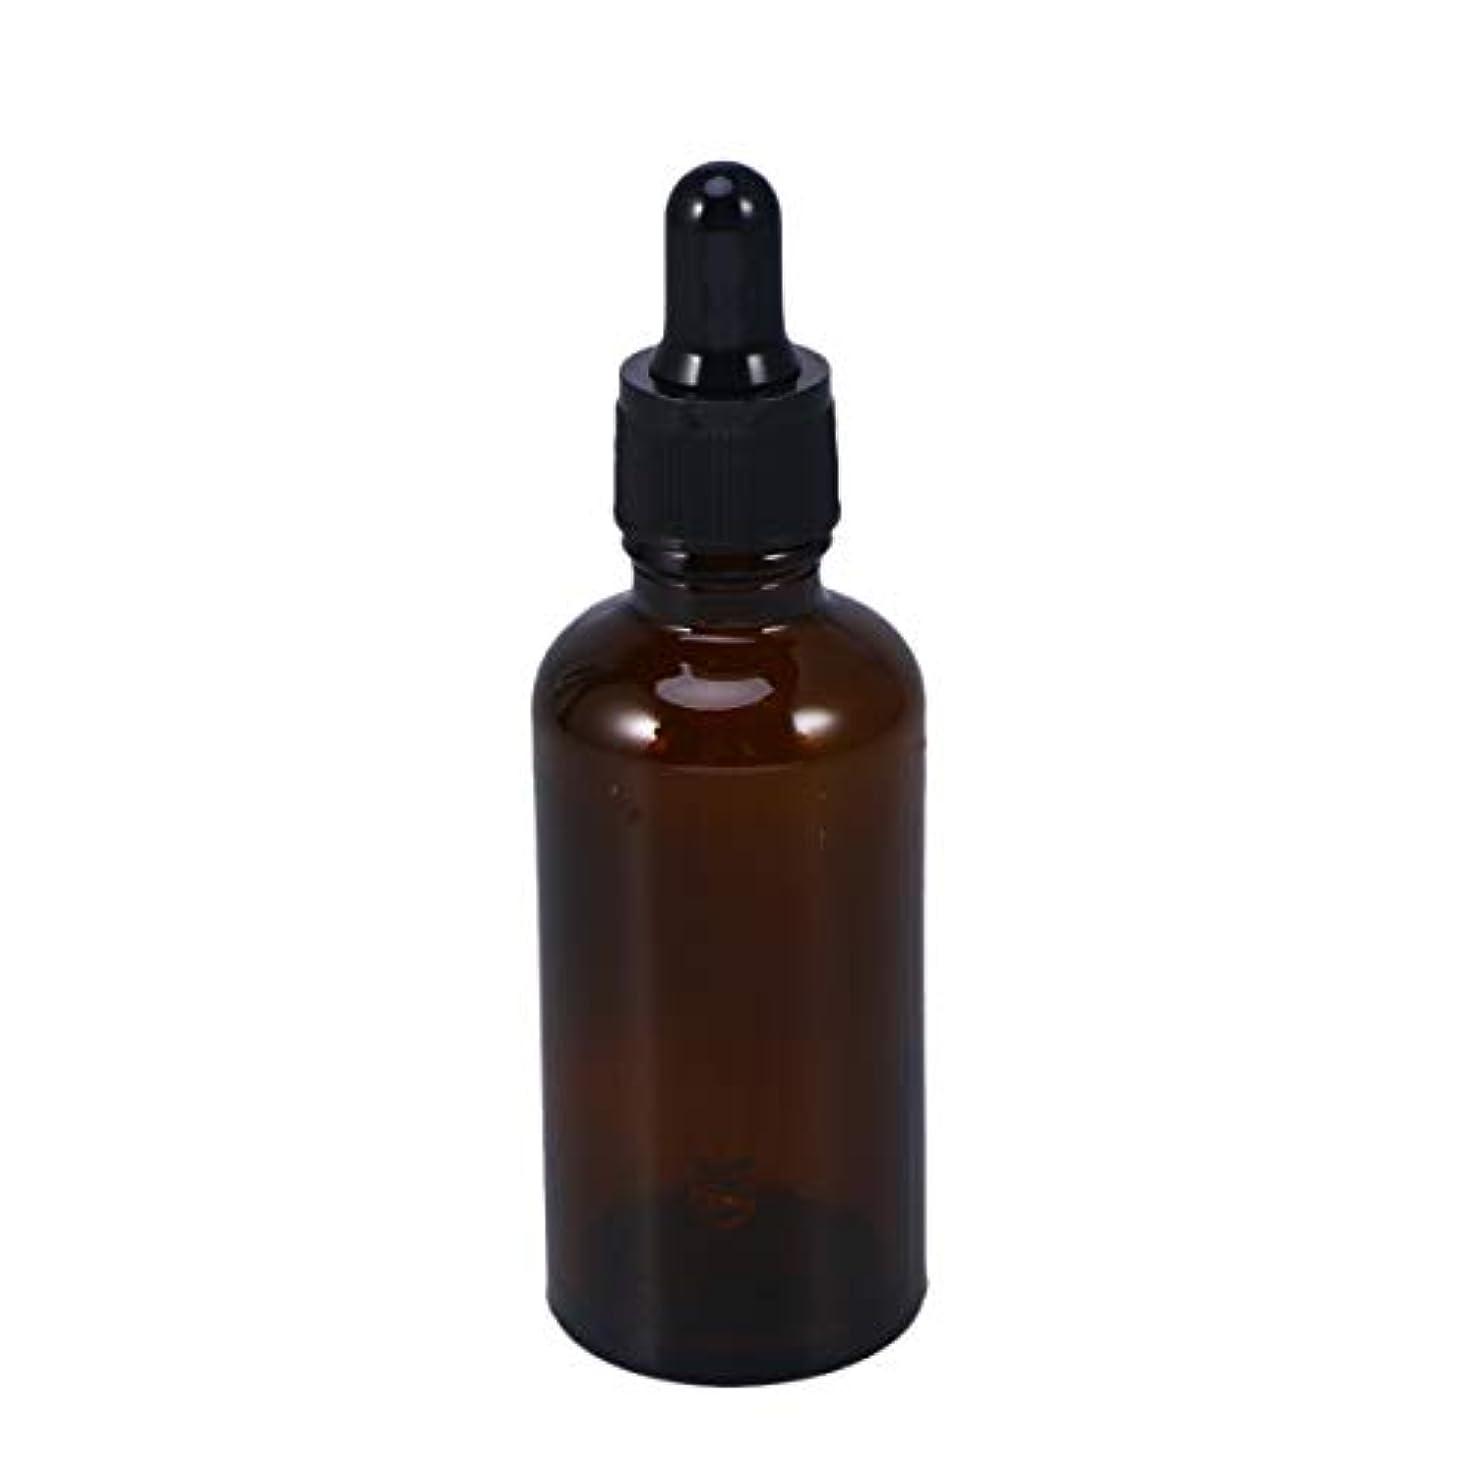 言うまでもなくメンテナンス好みFrcolor 遮光瓶 スポイト遮光瓶 スポイト付き アロマボトル 50ml 保存容器 エッセンシャルオイル 香水 保存用 詰替え ガラス 茶色